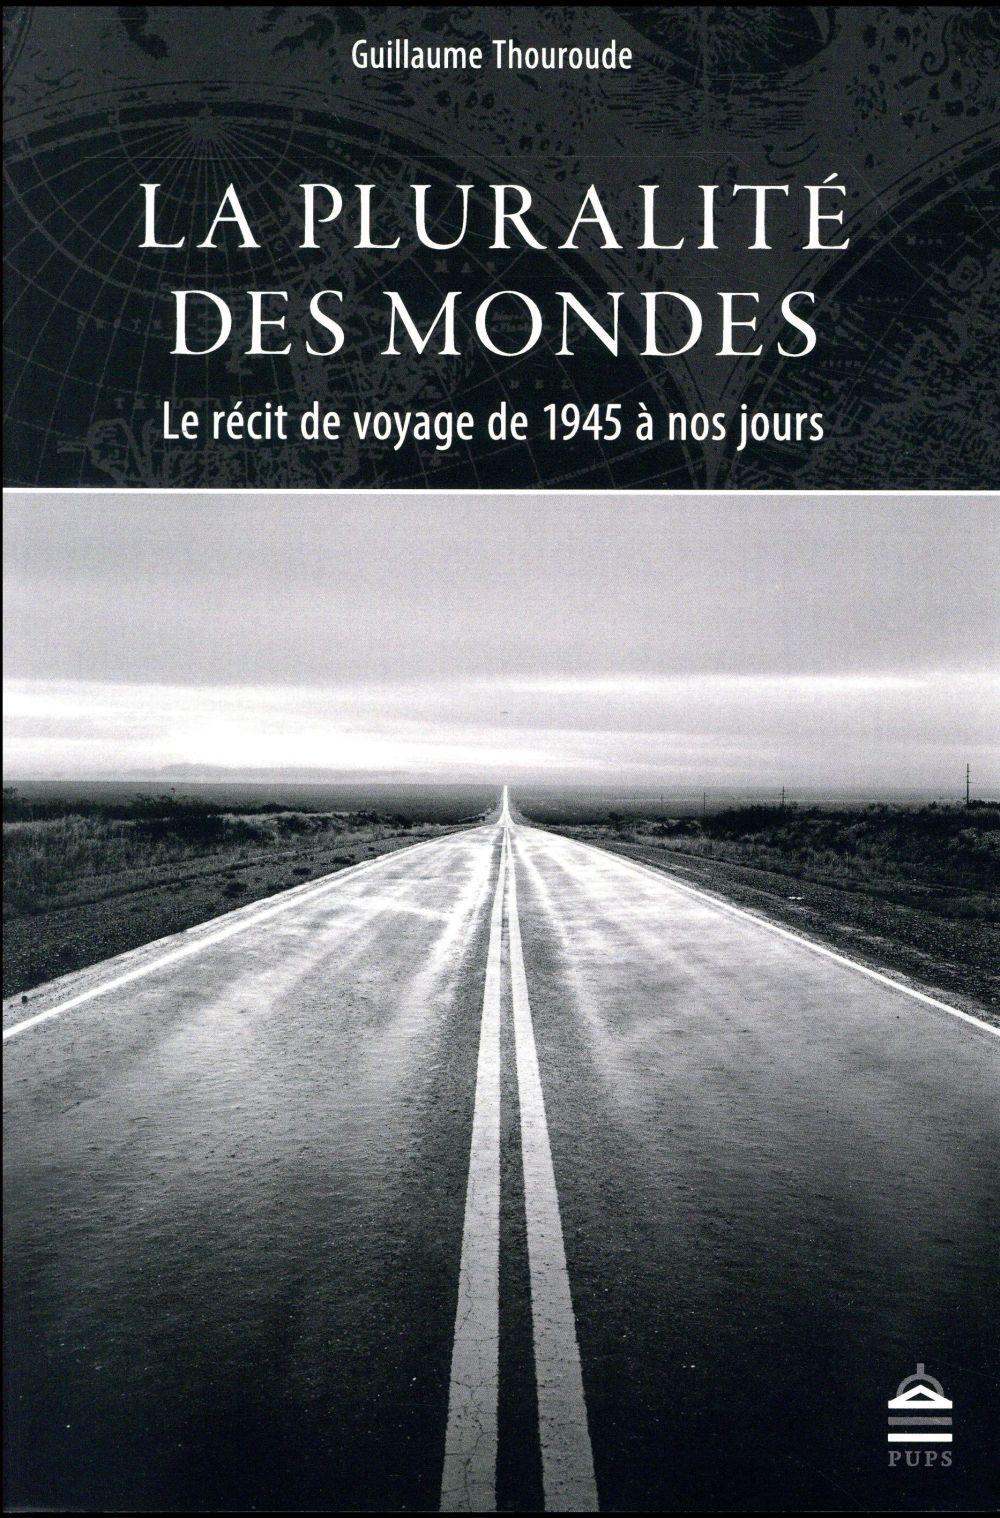 LA PLURALITE DES MONDES - LE RECIT DE VOYAGE DE 1945 A NOS JOURS